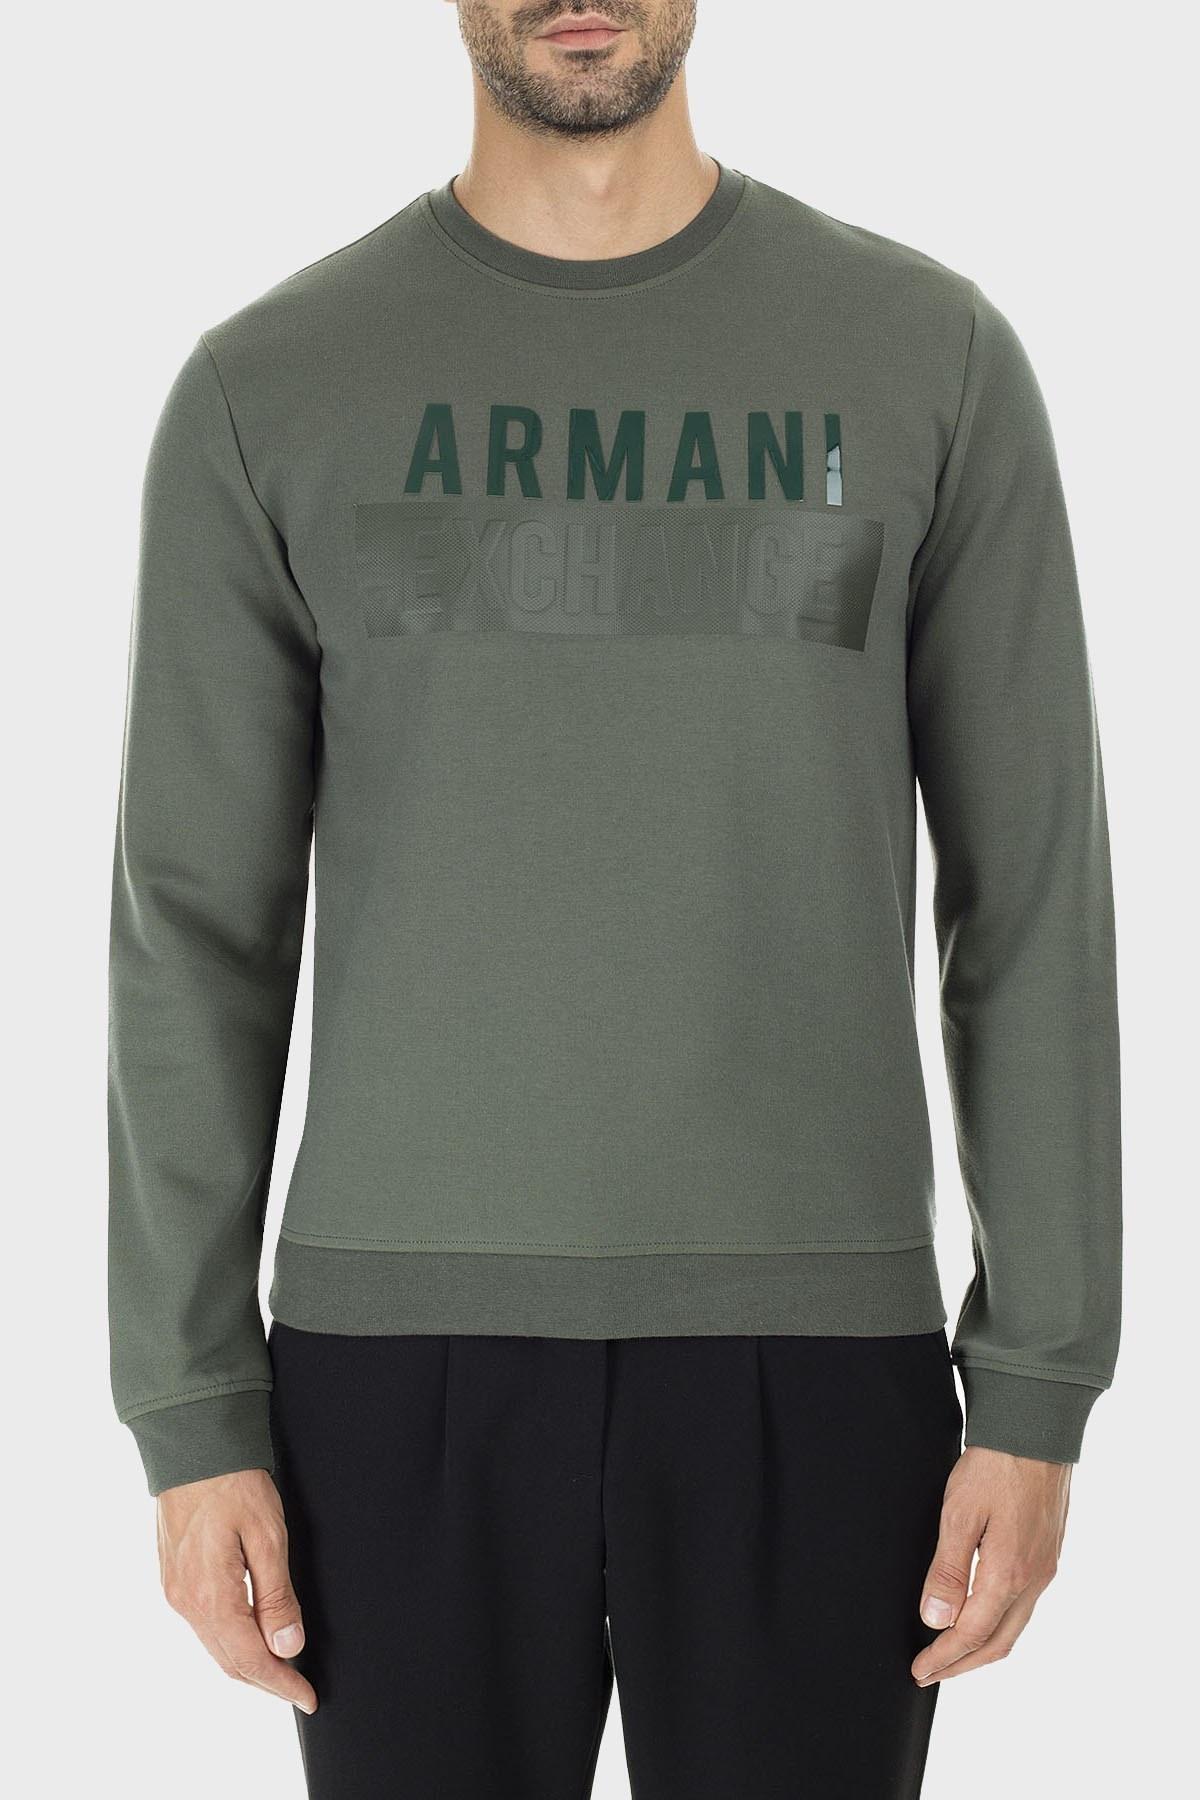 Armani Exchange Baskılı Pamuklu Sıfır Yaka Erkek Sweat 6GZM93 ZJ1KZ 1842 HAKİ